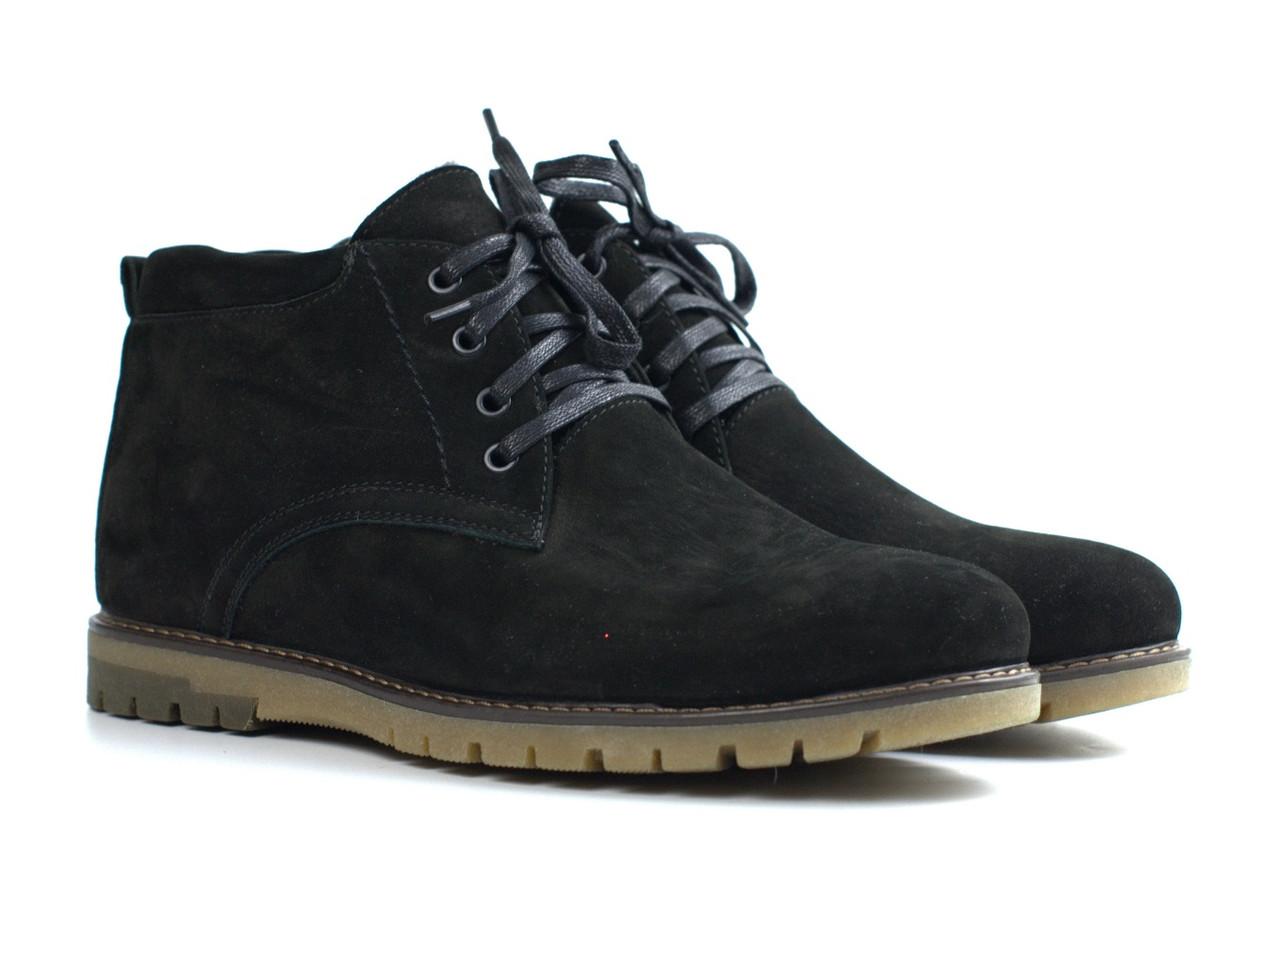 Замшеві зимові чоловічі черевики замша натуральні Rosso Avangard Bonmarito Black Vel чорні